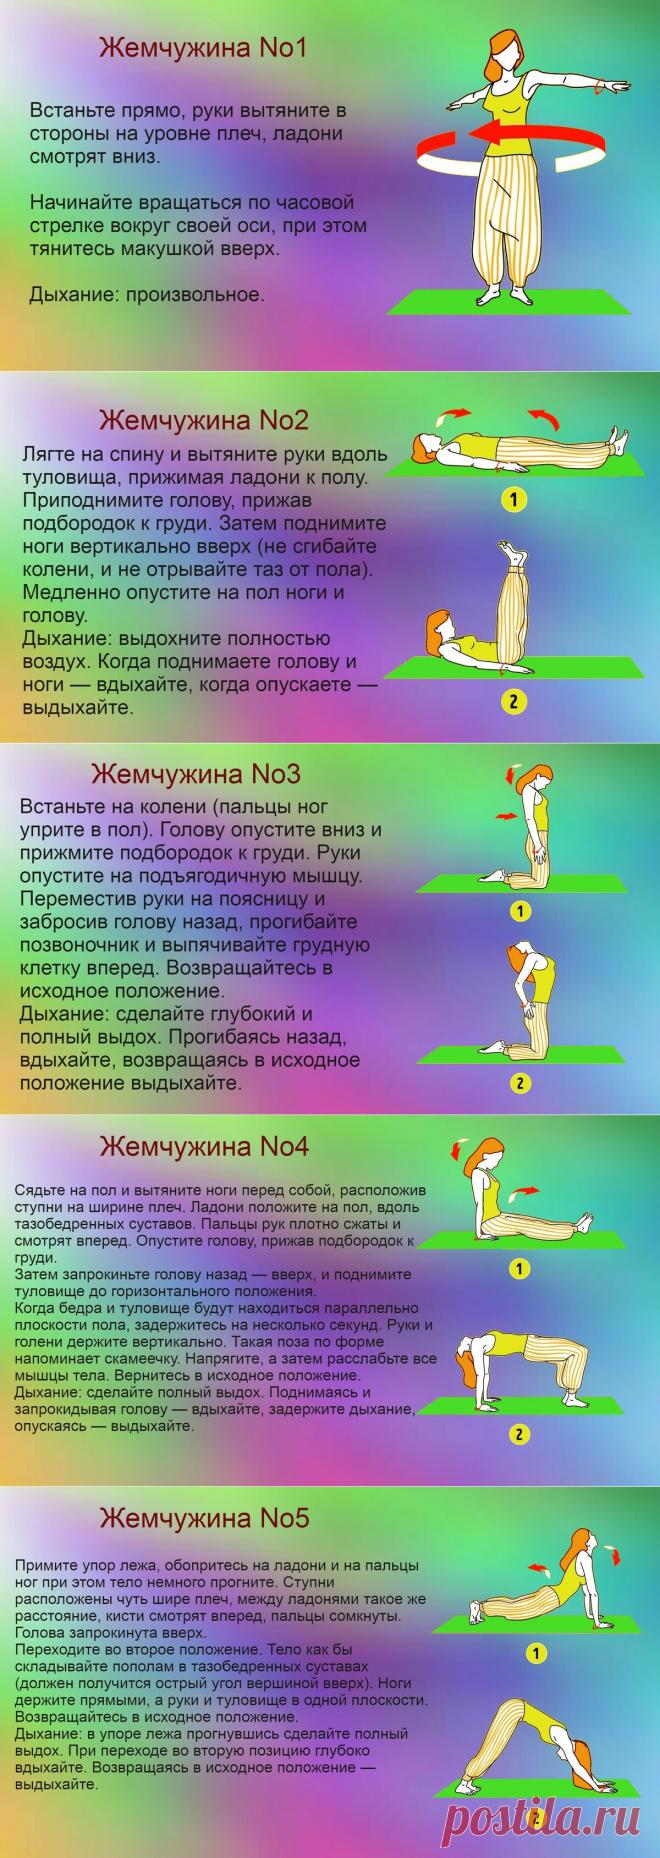 """""""5 тибетских жемчужин"""" простые упражнения, которые """"зарядят"""" вас энергией на весь день"""